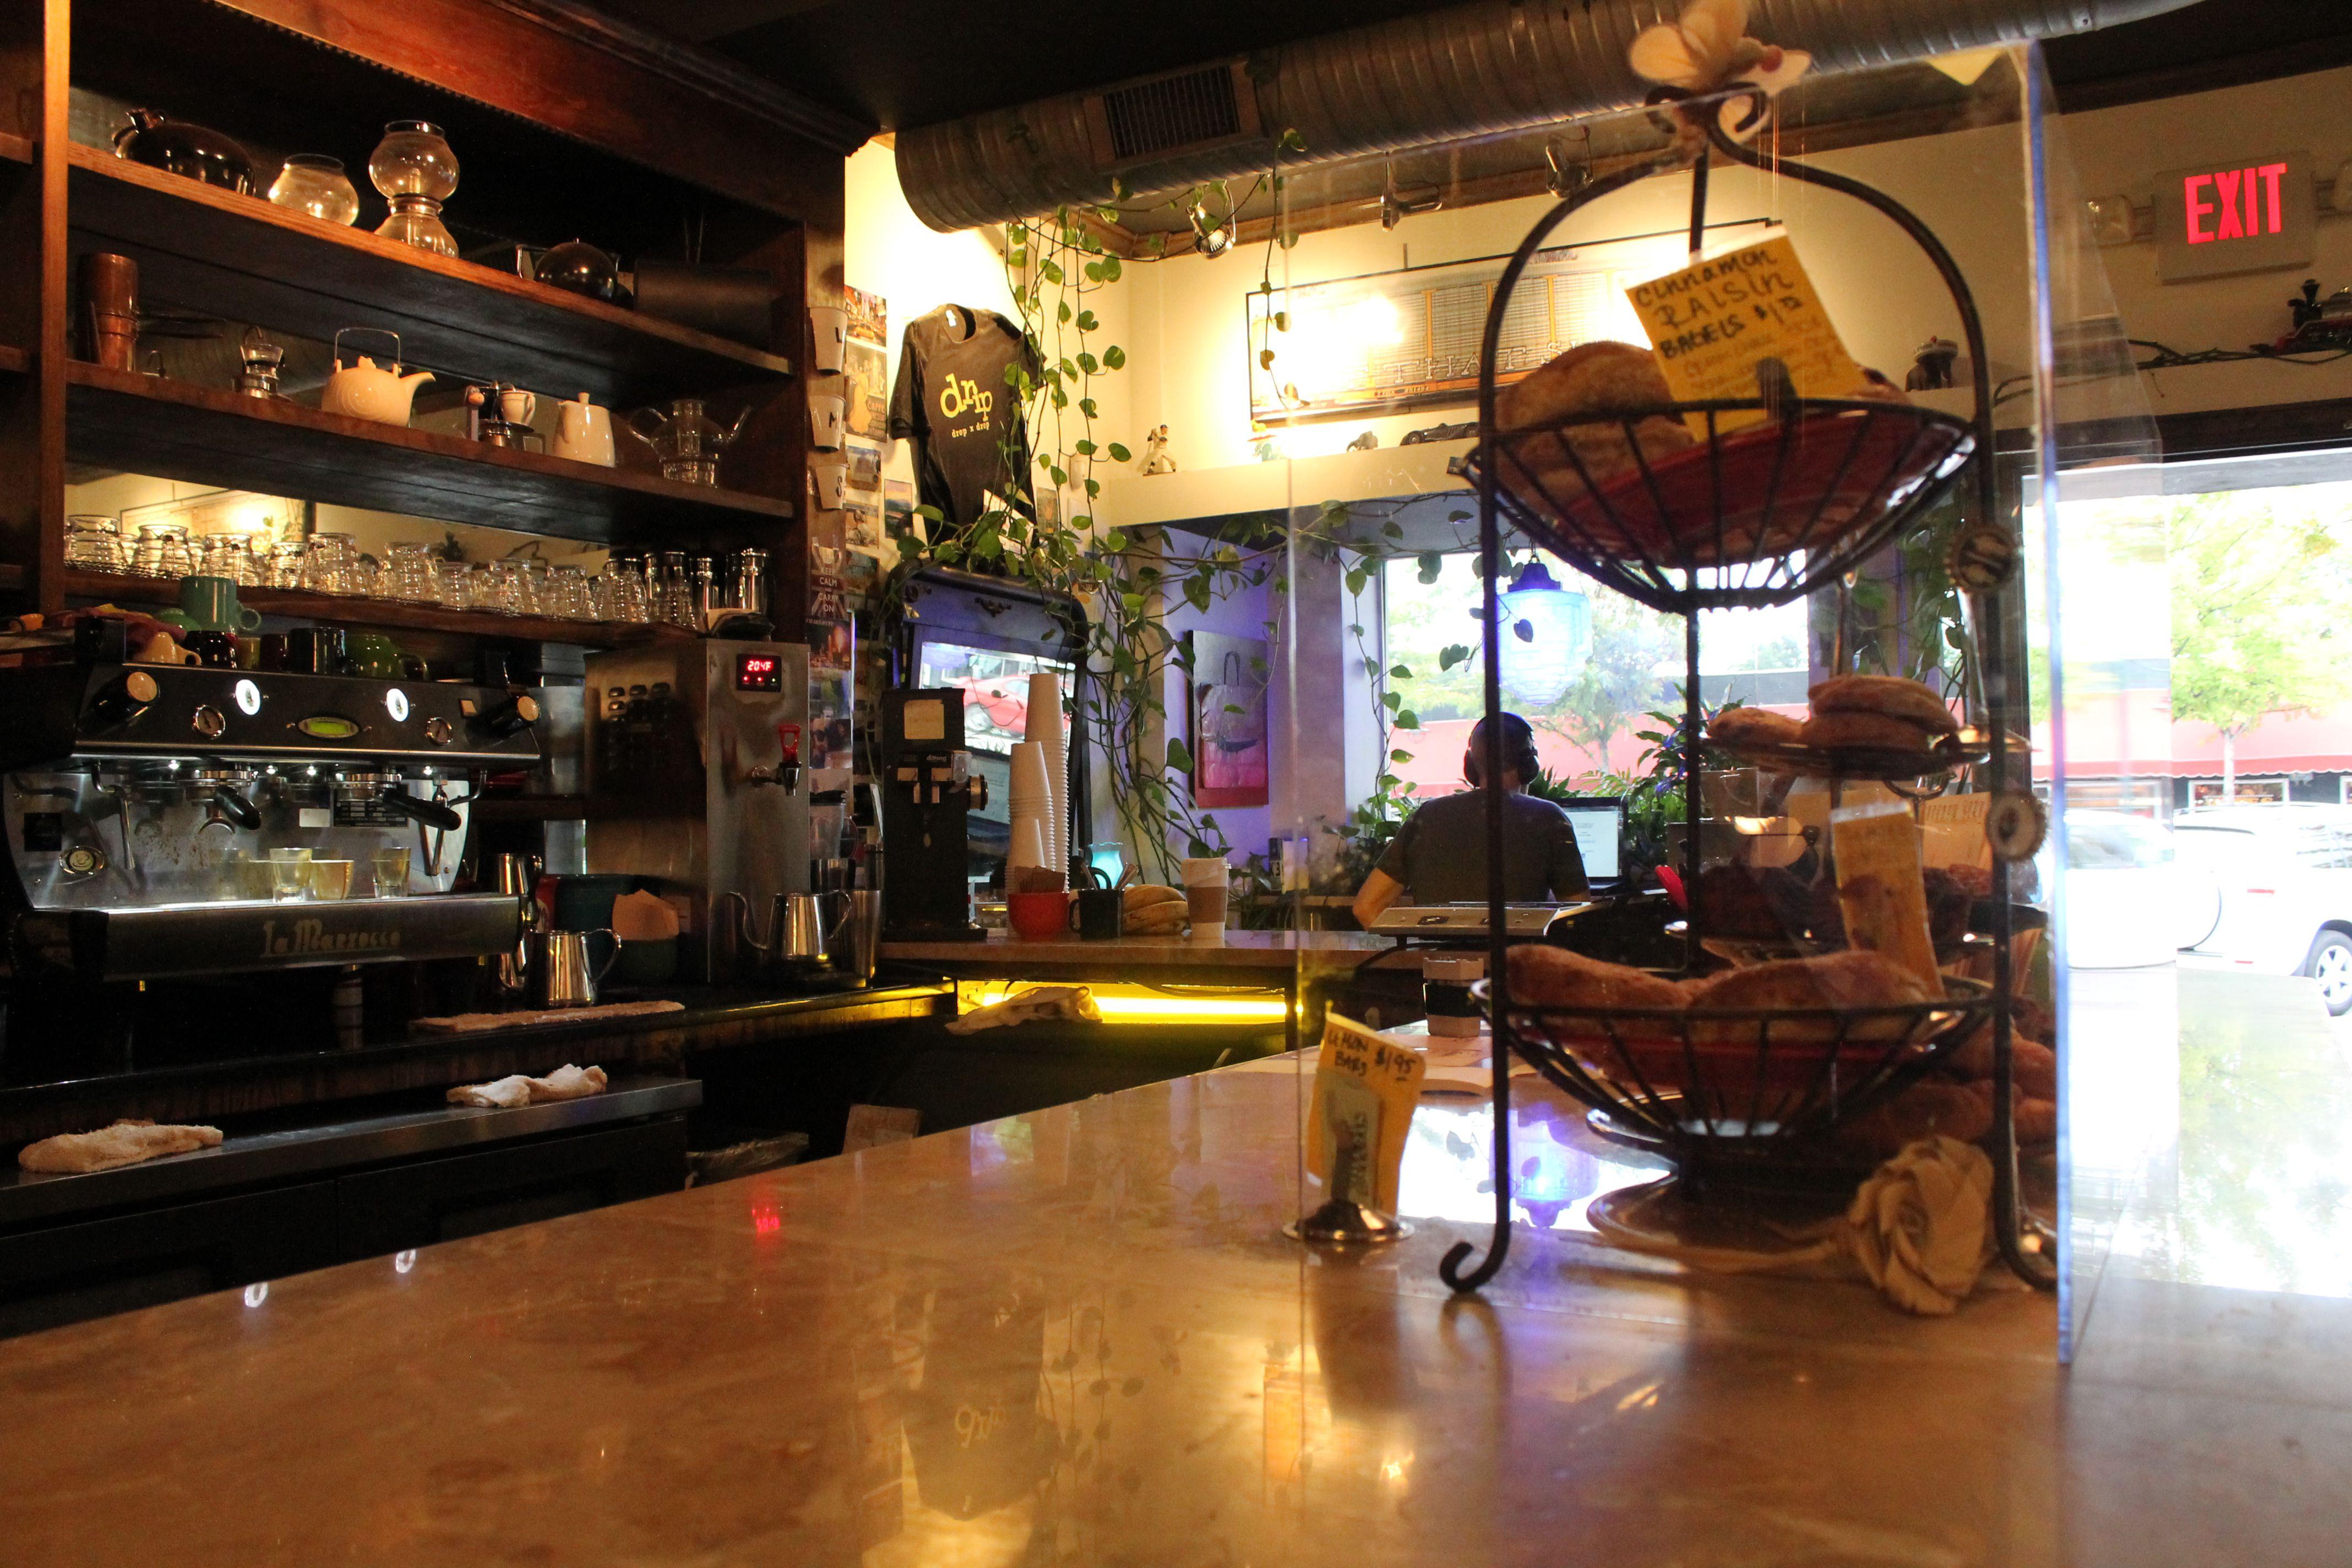 florence south carolina gay bar